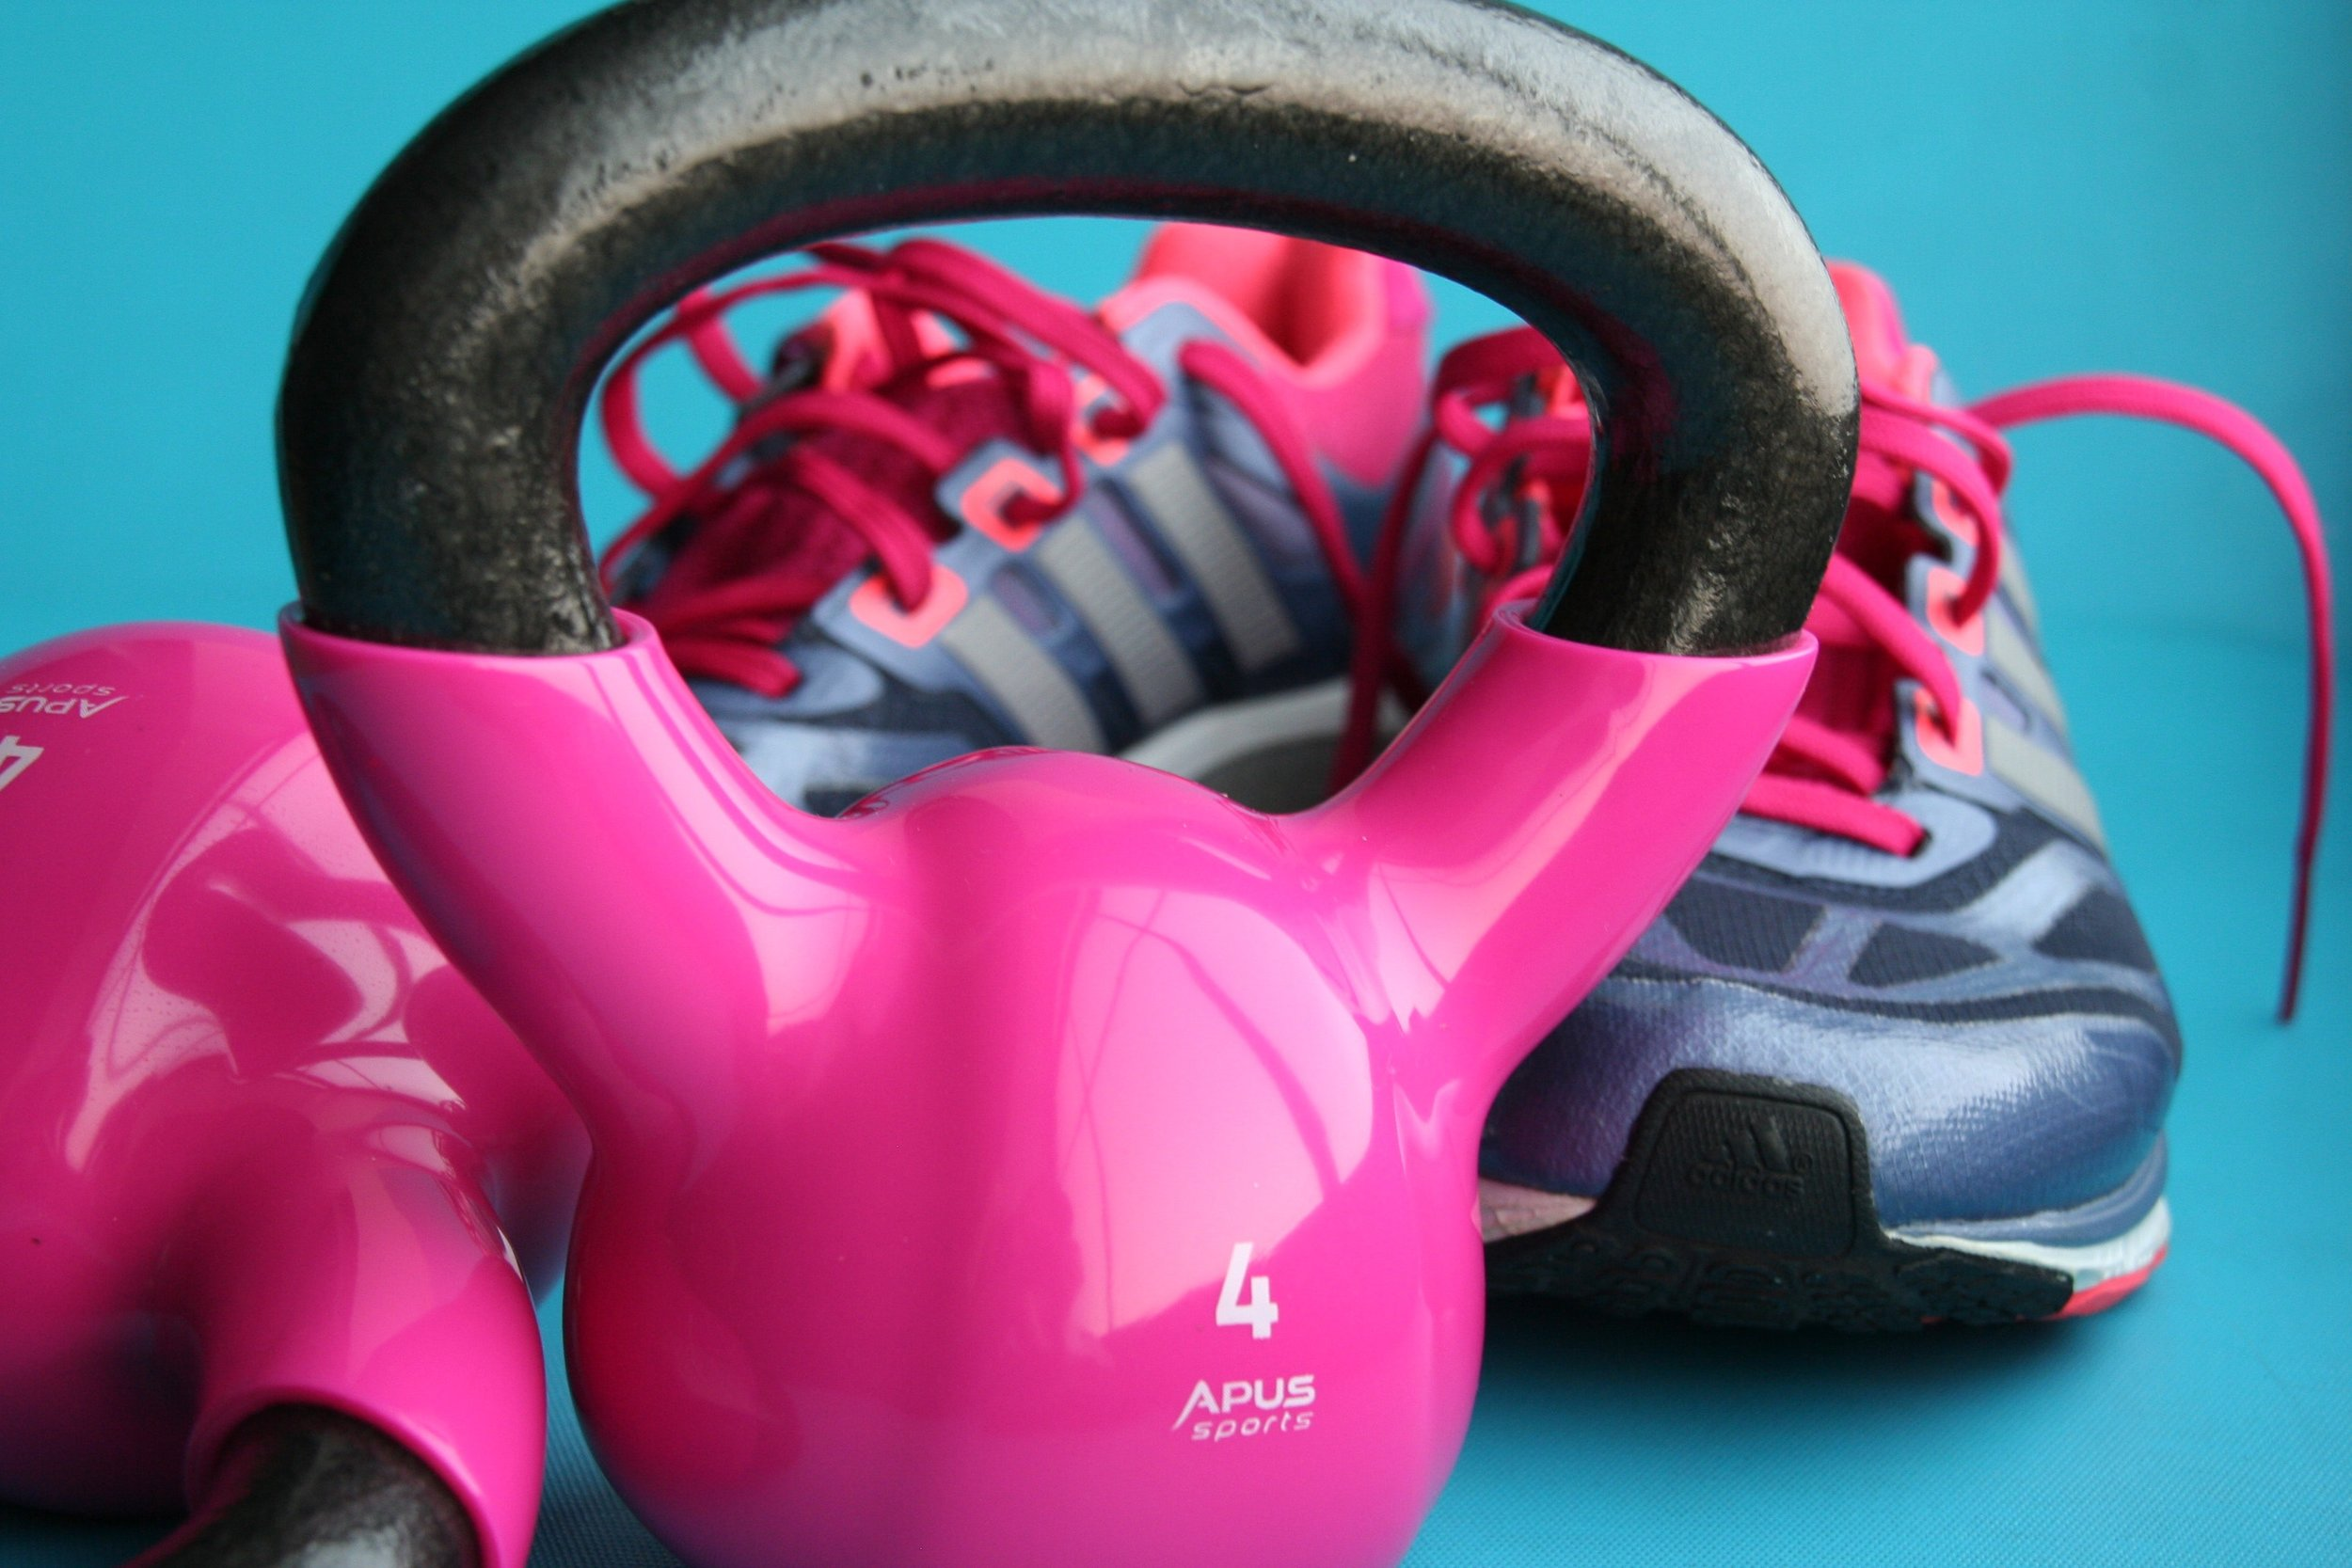 exercise-exercise-equipment-fitness-209968.jpg